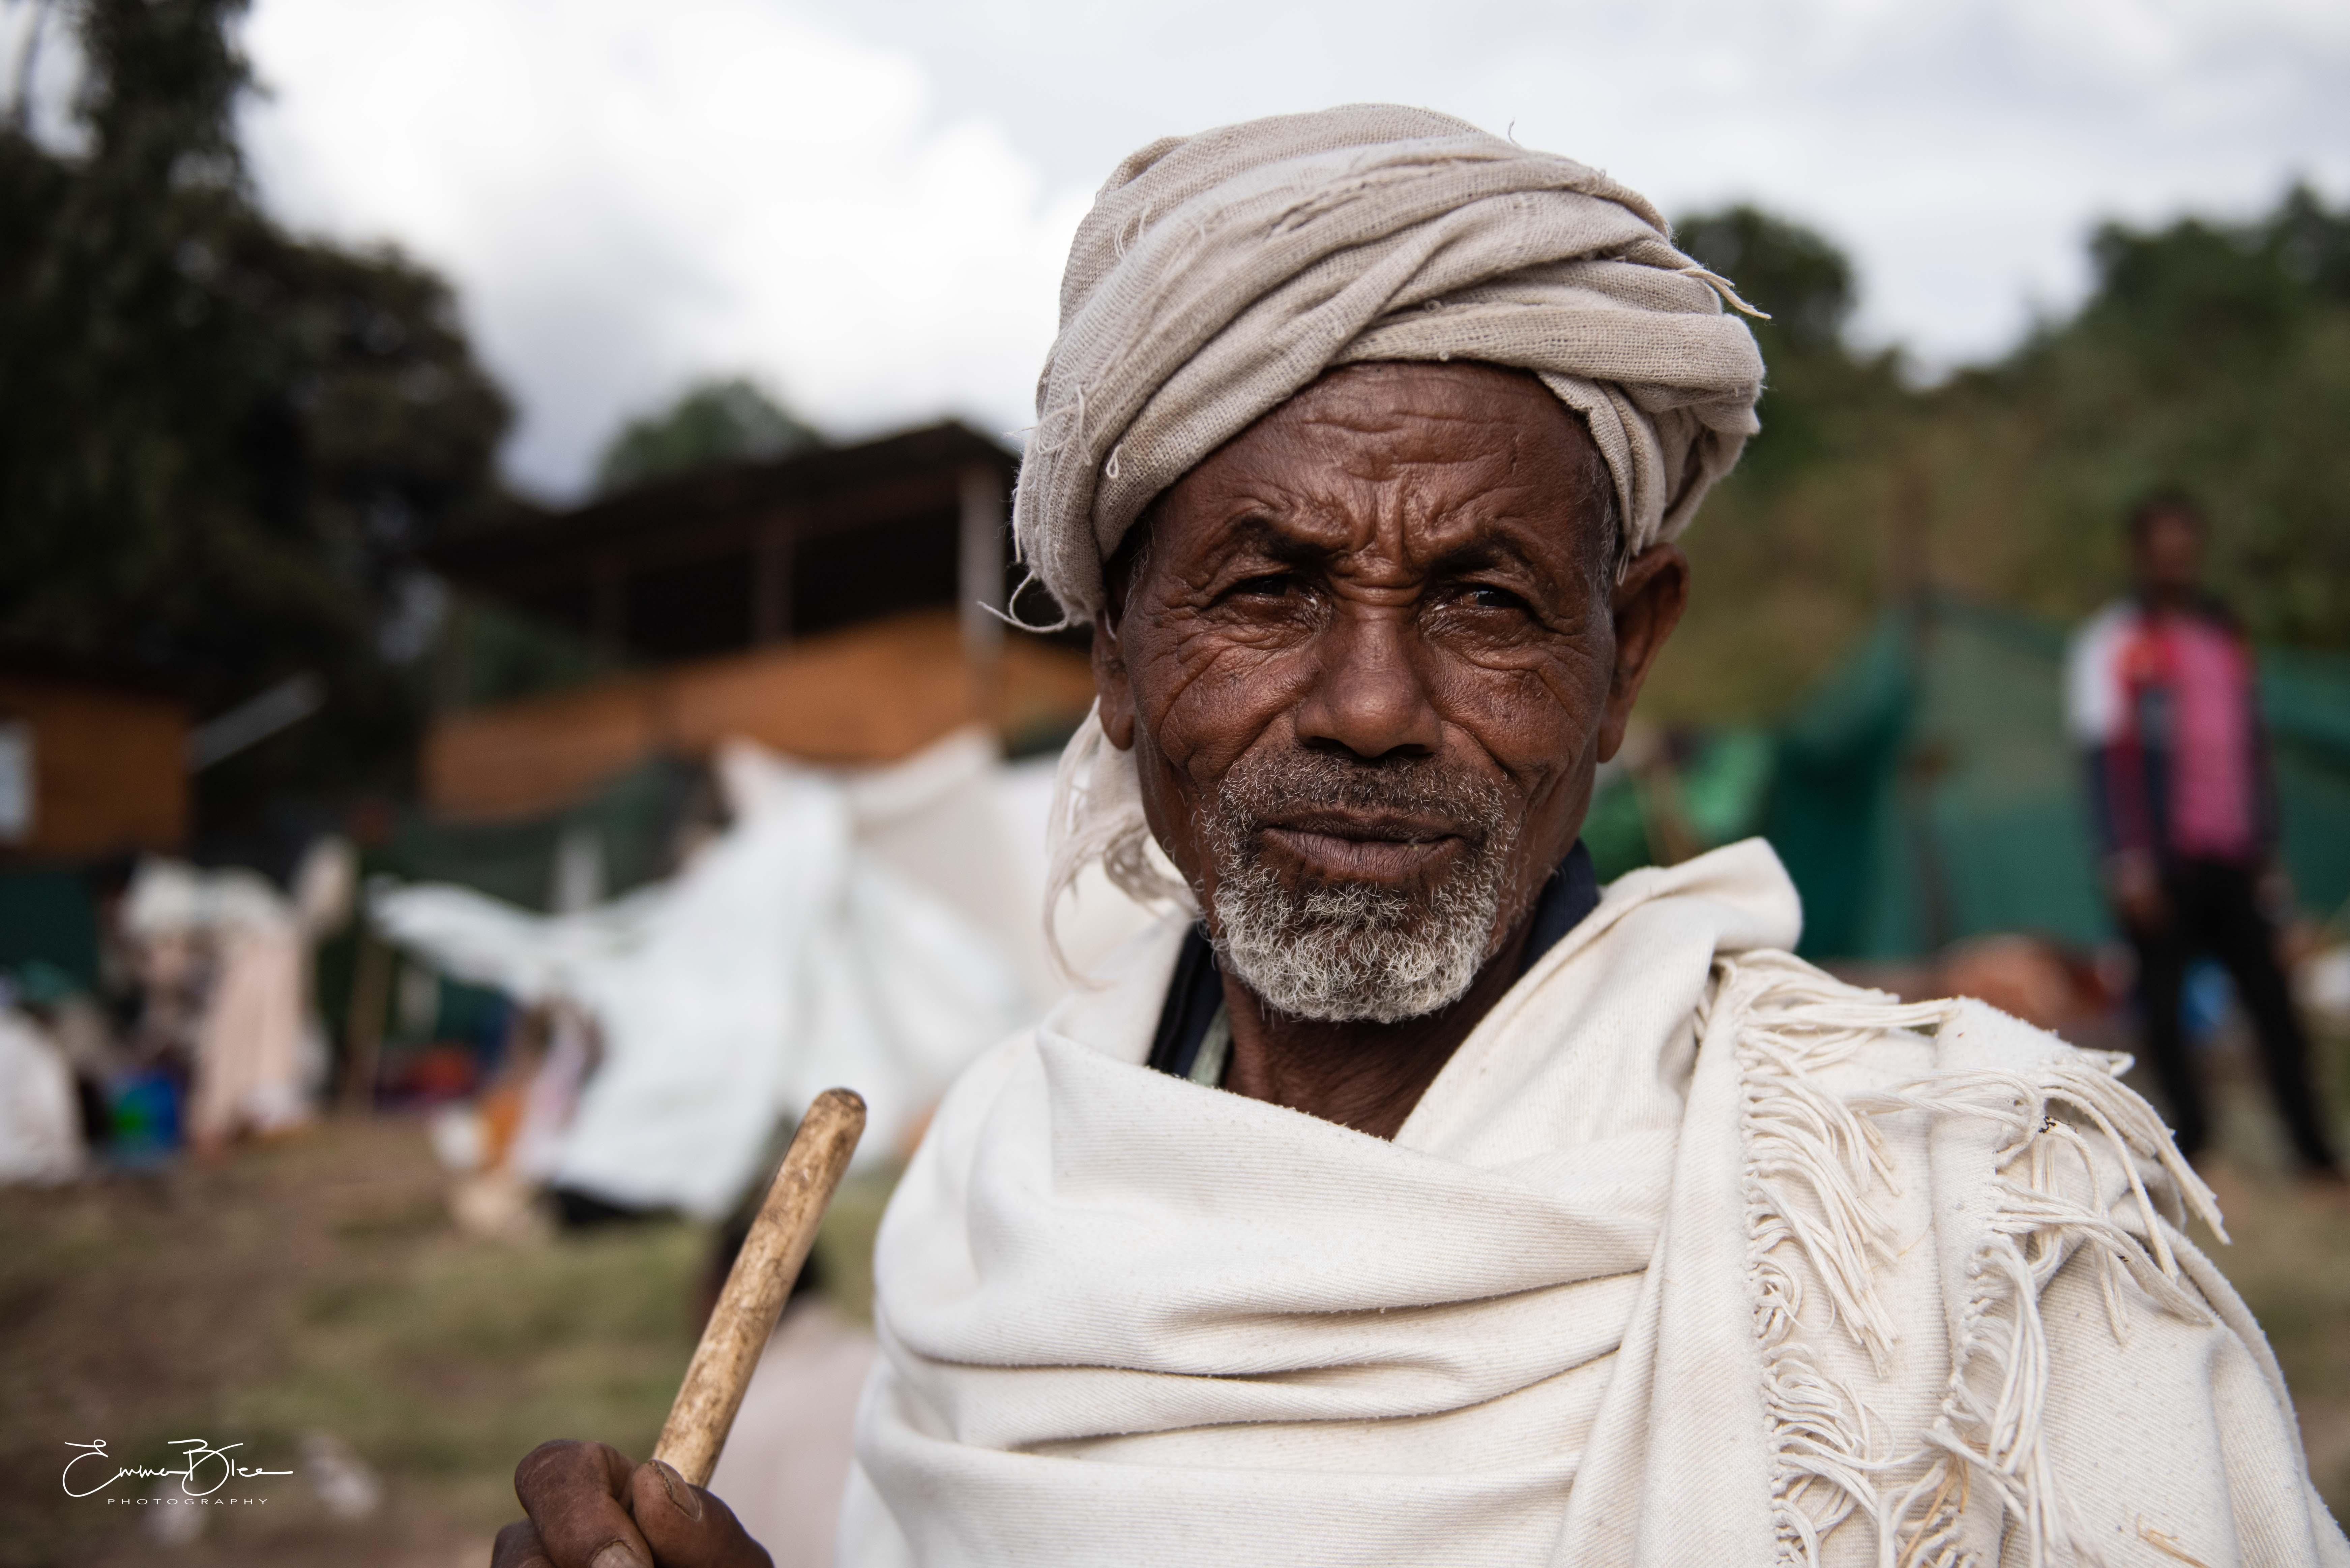 EB_20_01_05_Ethiopia_0069